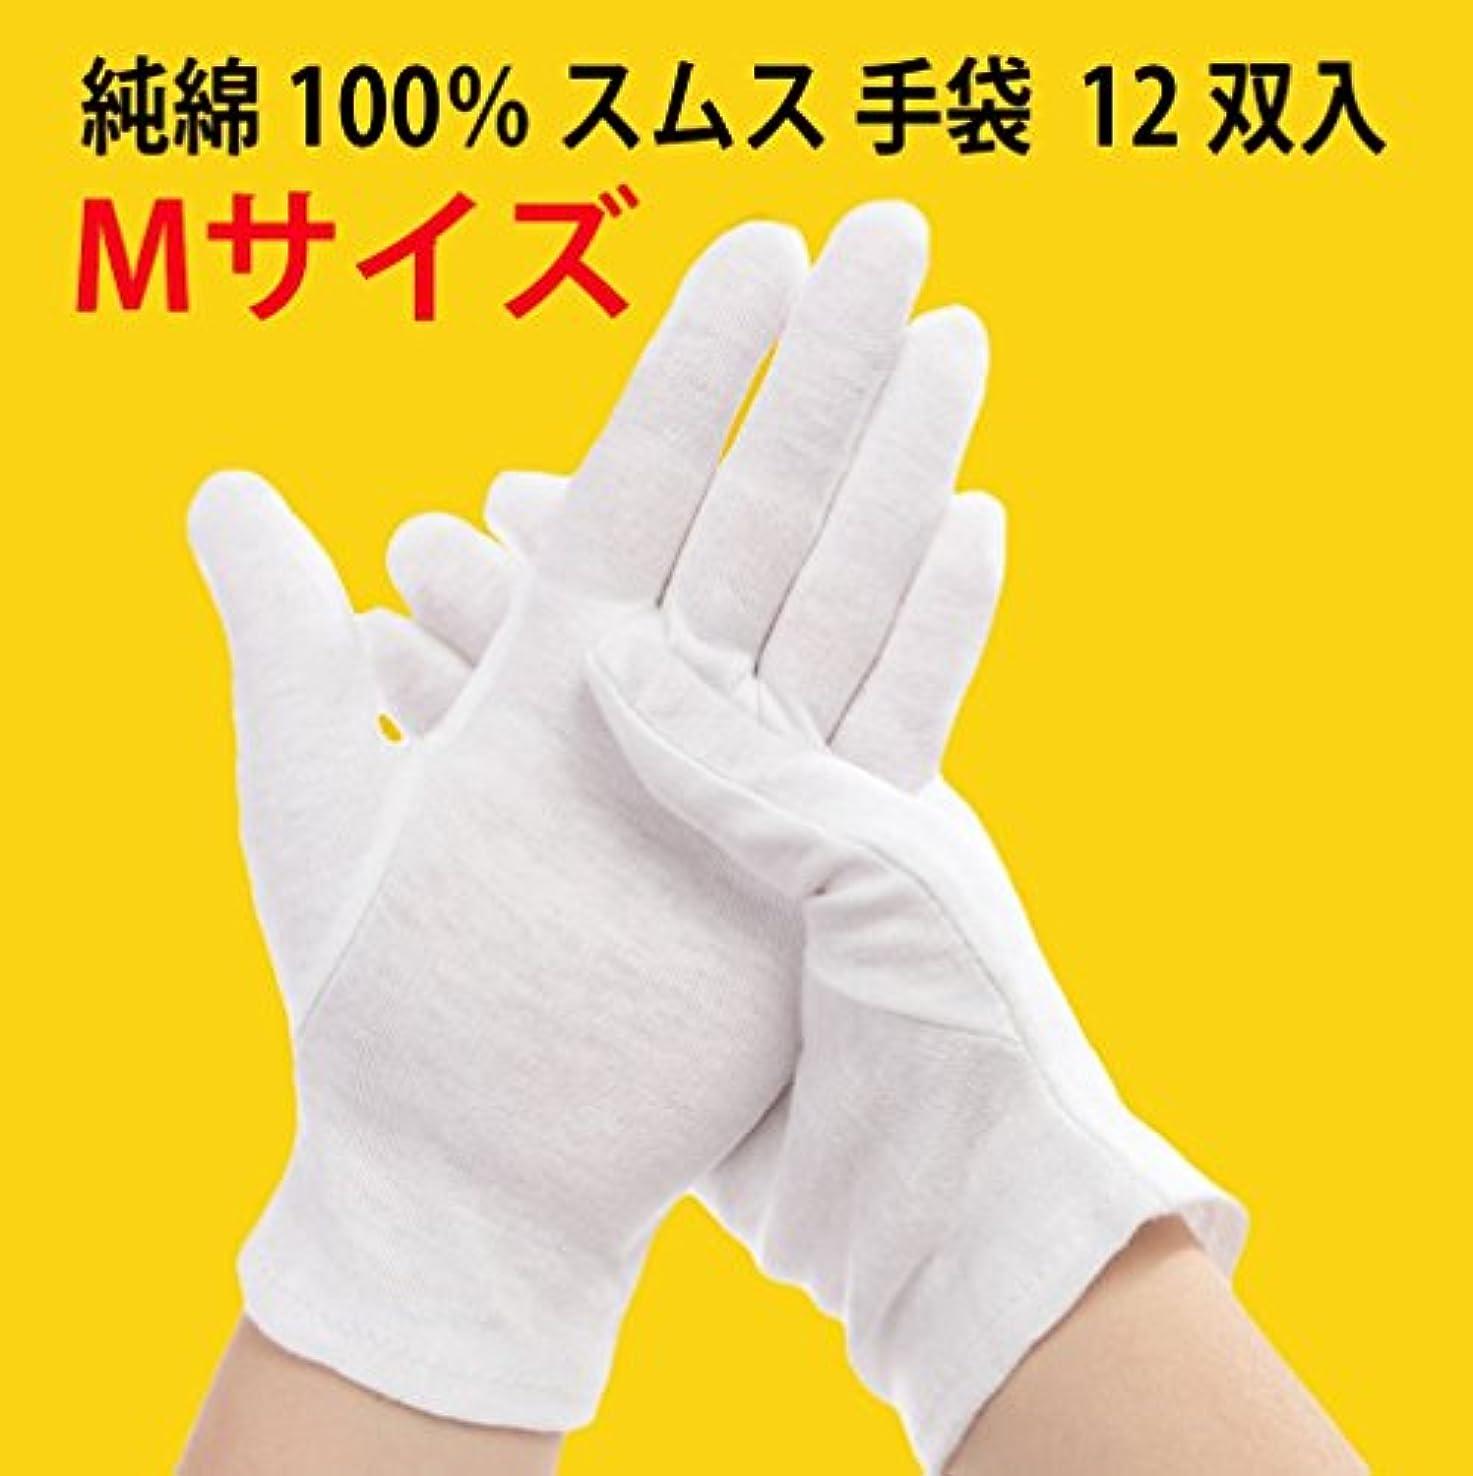 盆地けん引受ける純綿100% スムス 手袋 Mサイズ 12双 多用途 101115